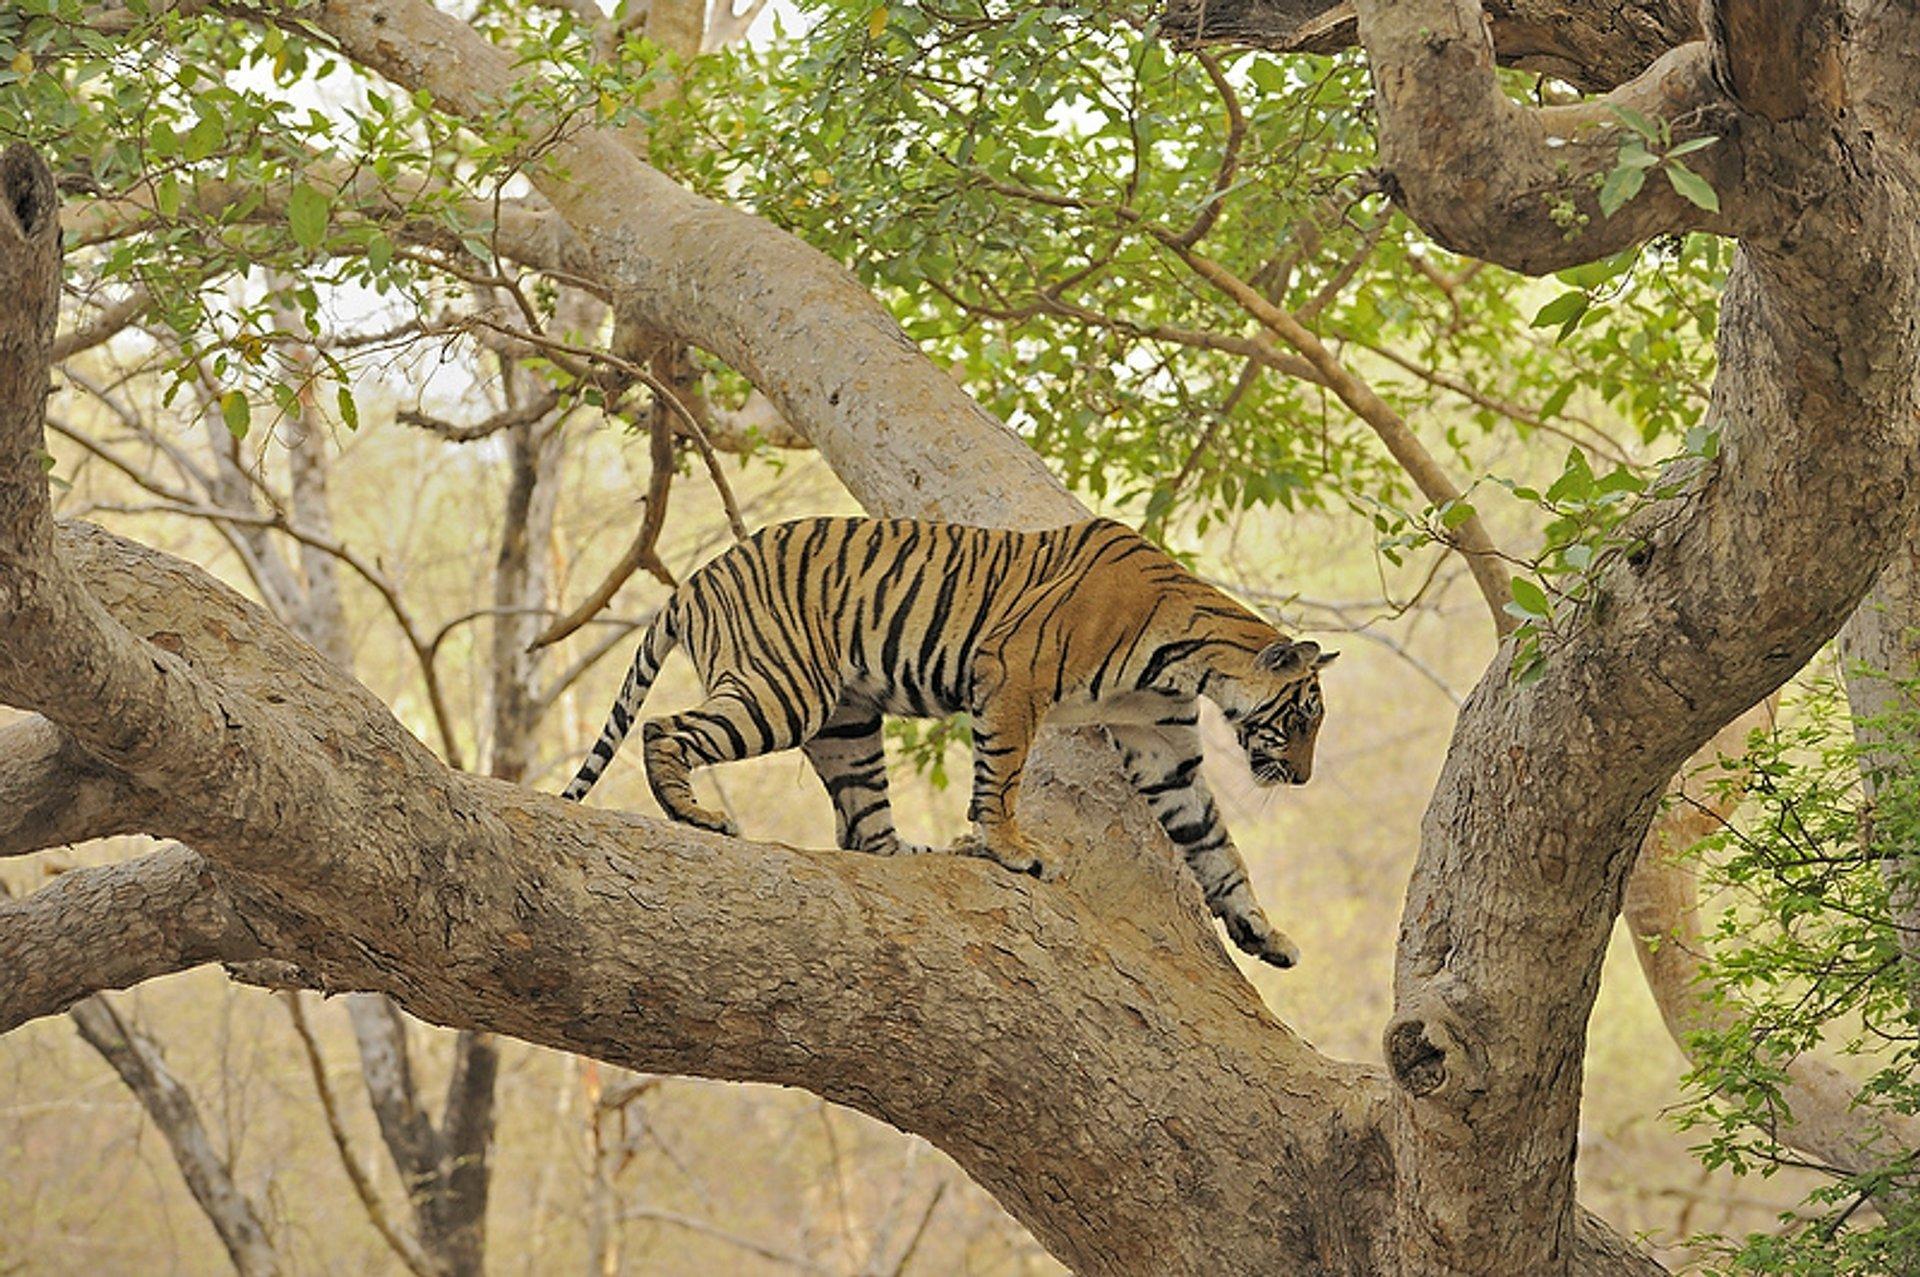 Tiger Safari in Ranthambore National Park in Taj Mahal and Agra  - Best Season 2019